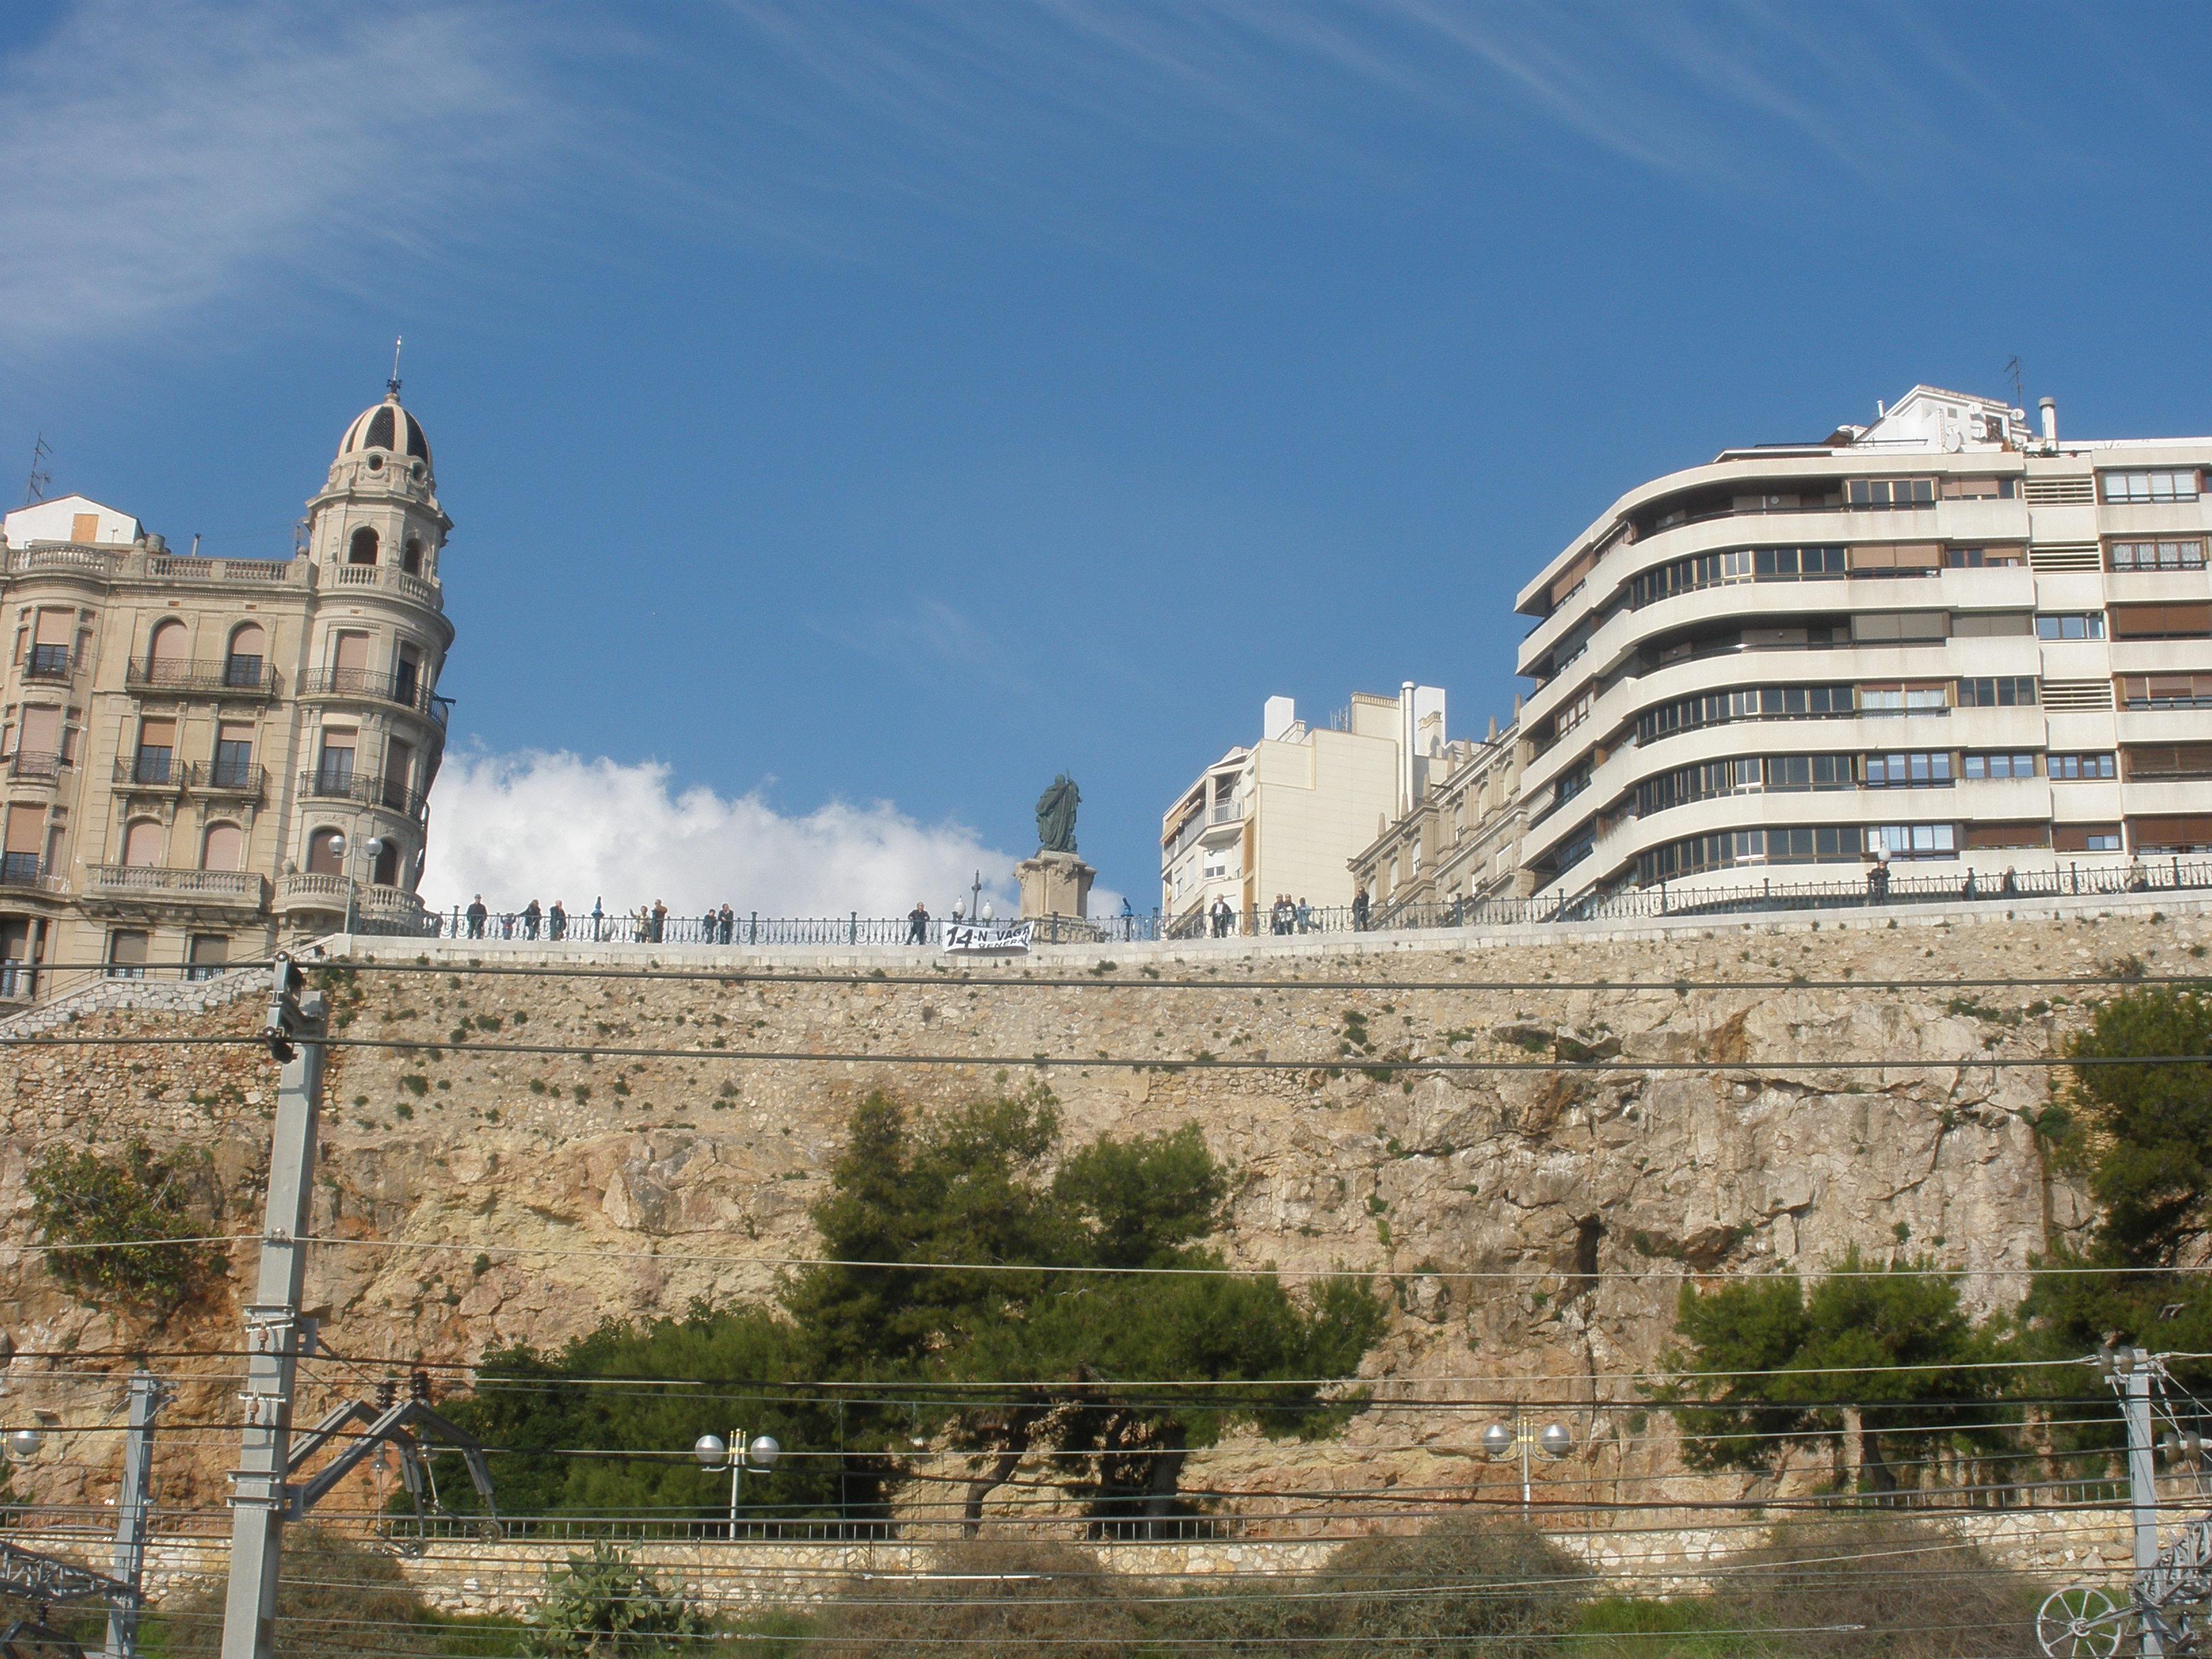 Vista del Balcó del Mediterrani, des de la platja del Miracle